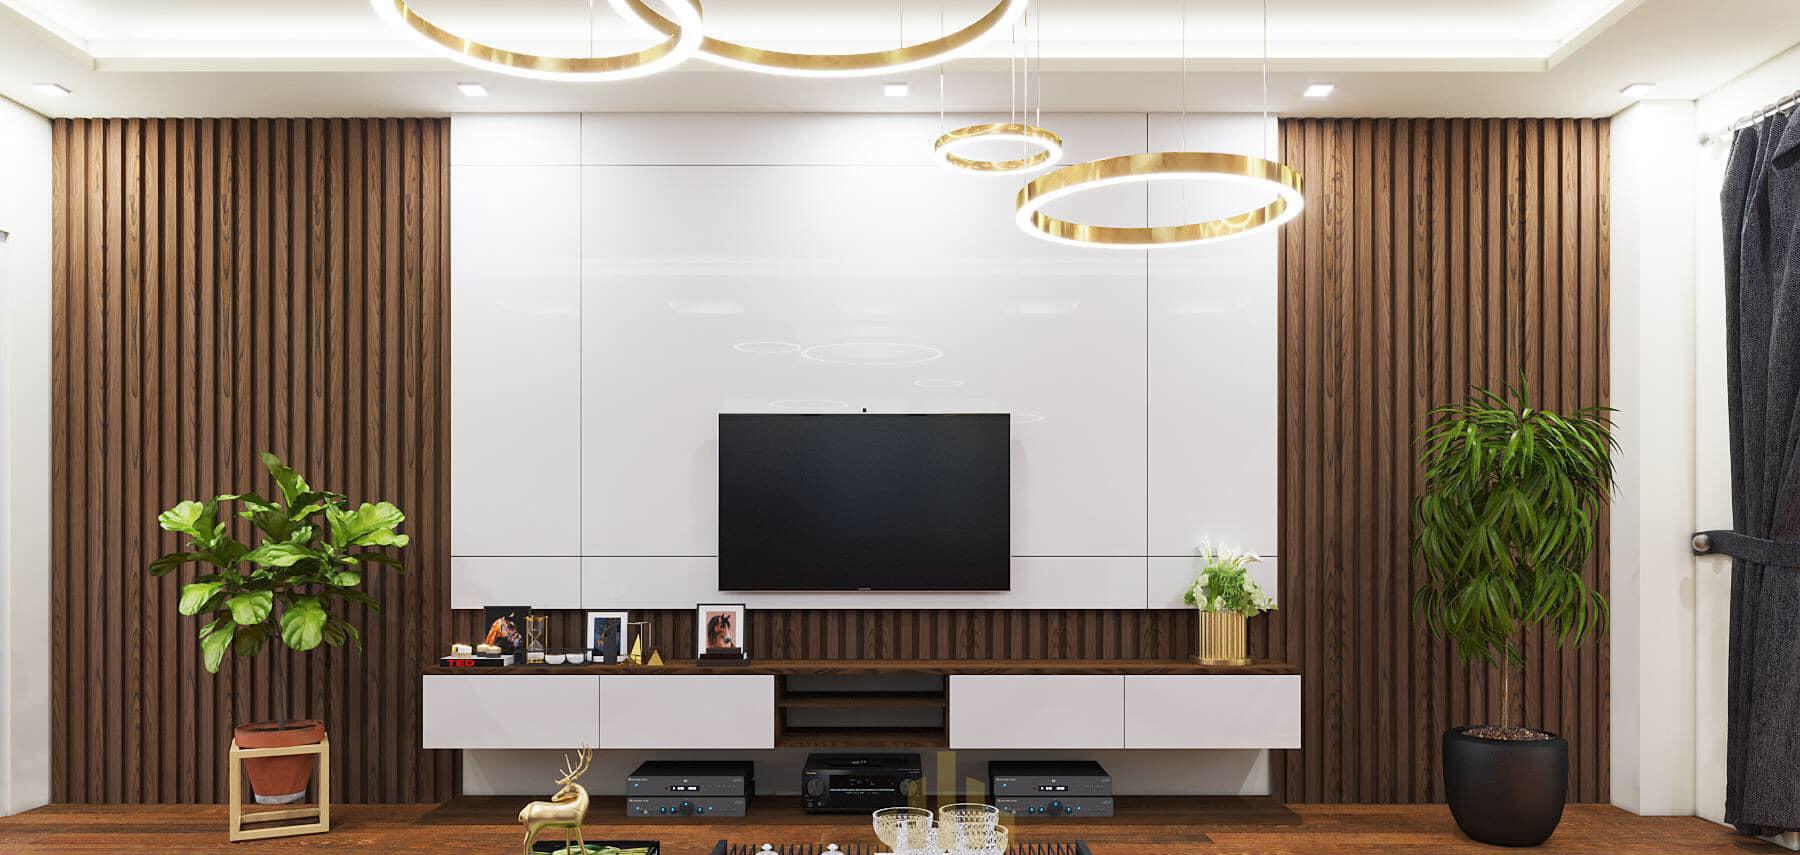 Tại sao bạn nên chọn tấm ốp tường trong nhà QueenWood?